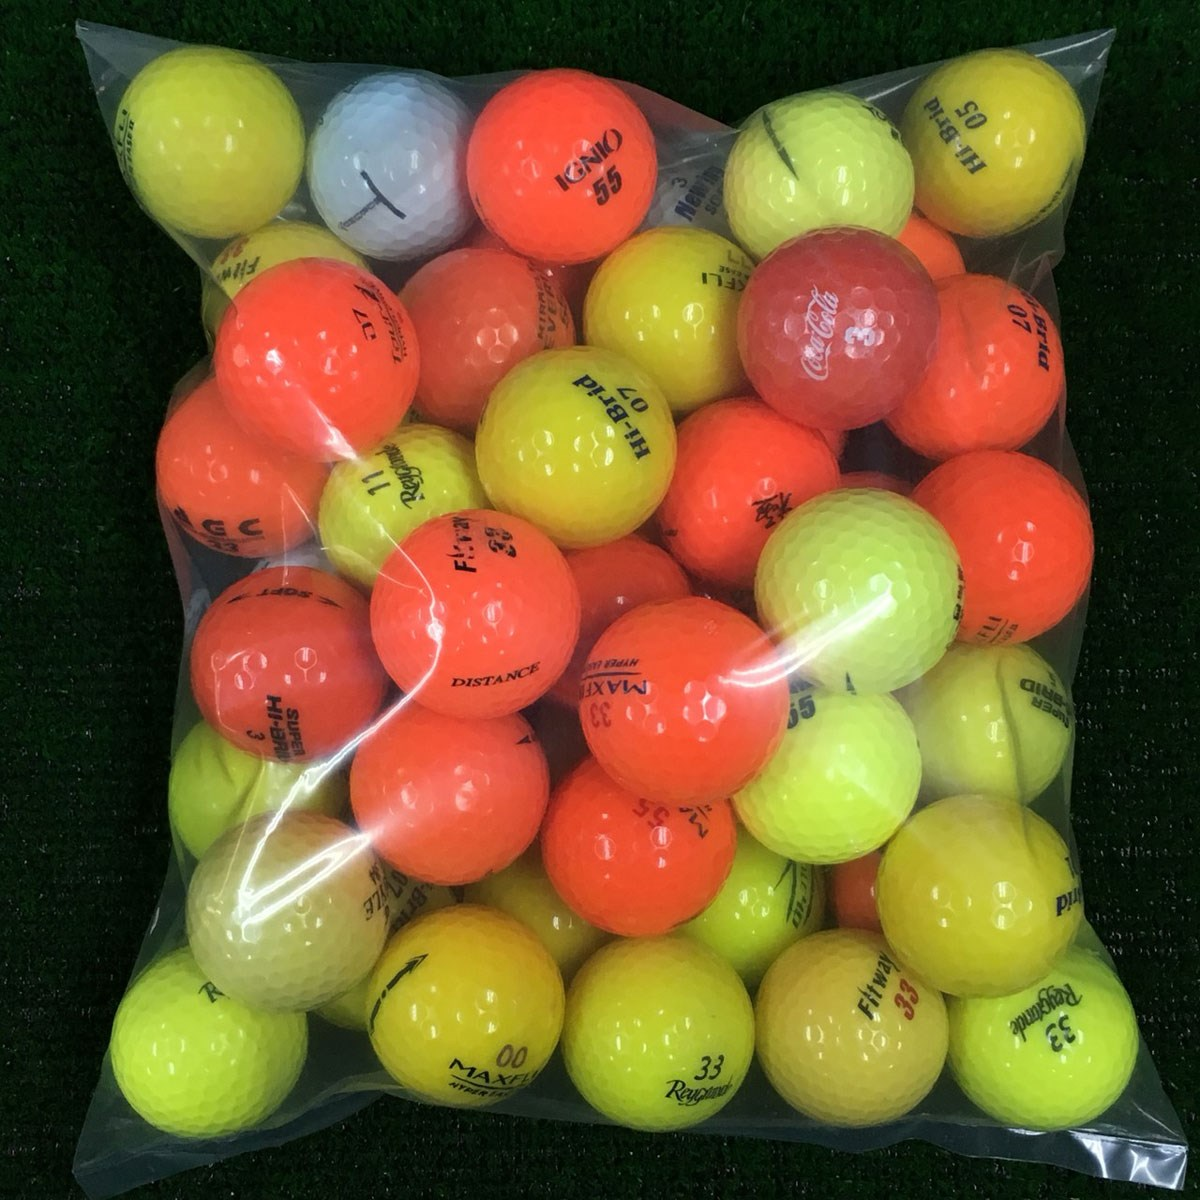 ロストボール ブランド混合 カラー ロストボール 50個セット